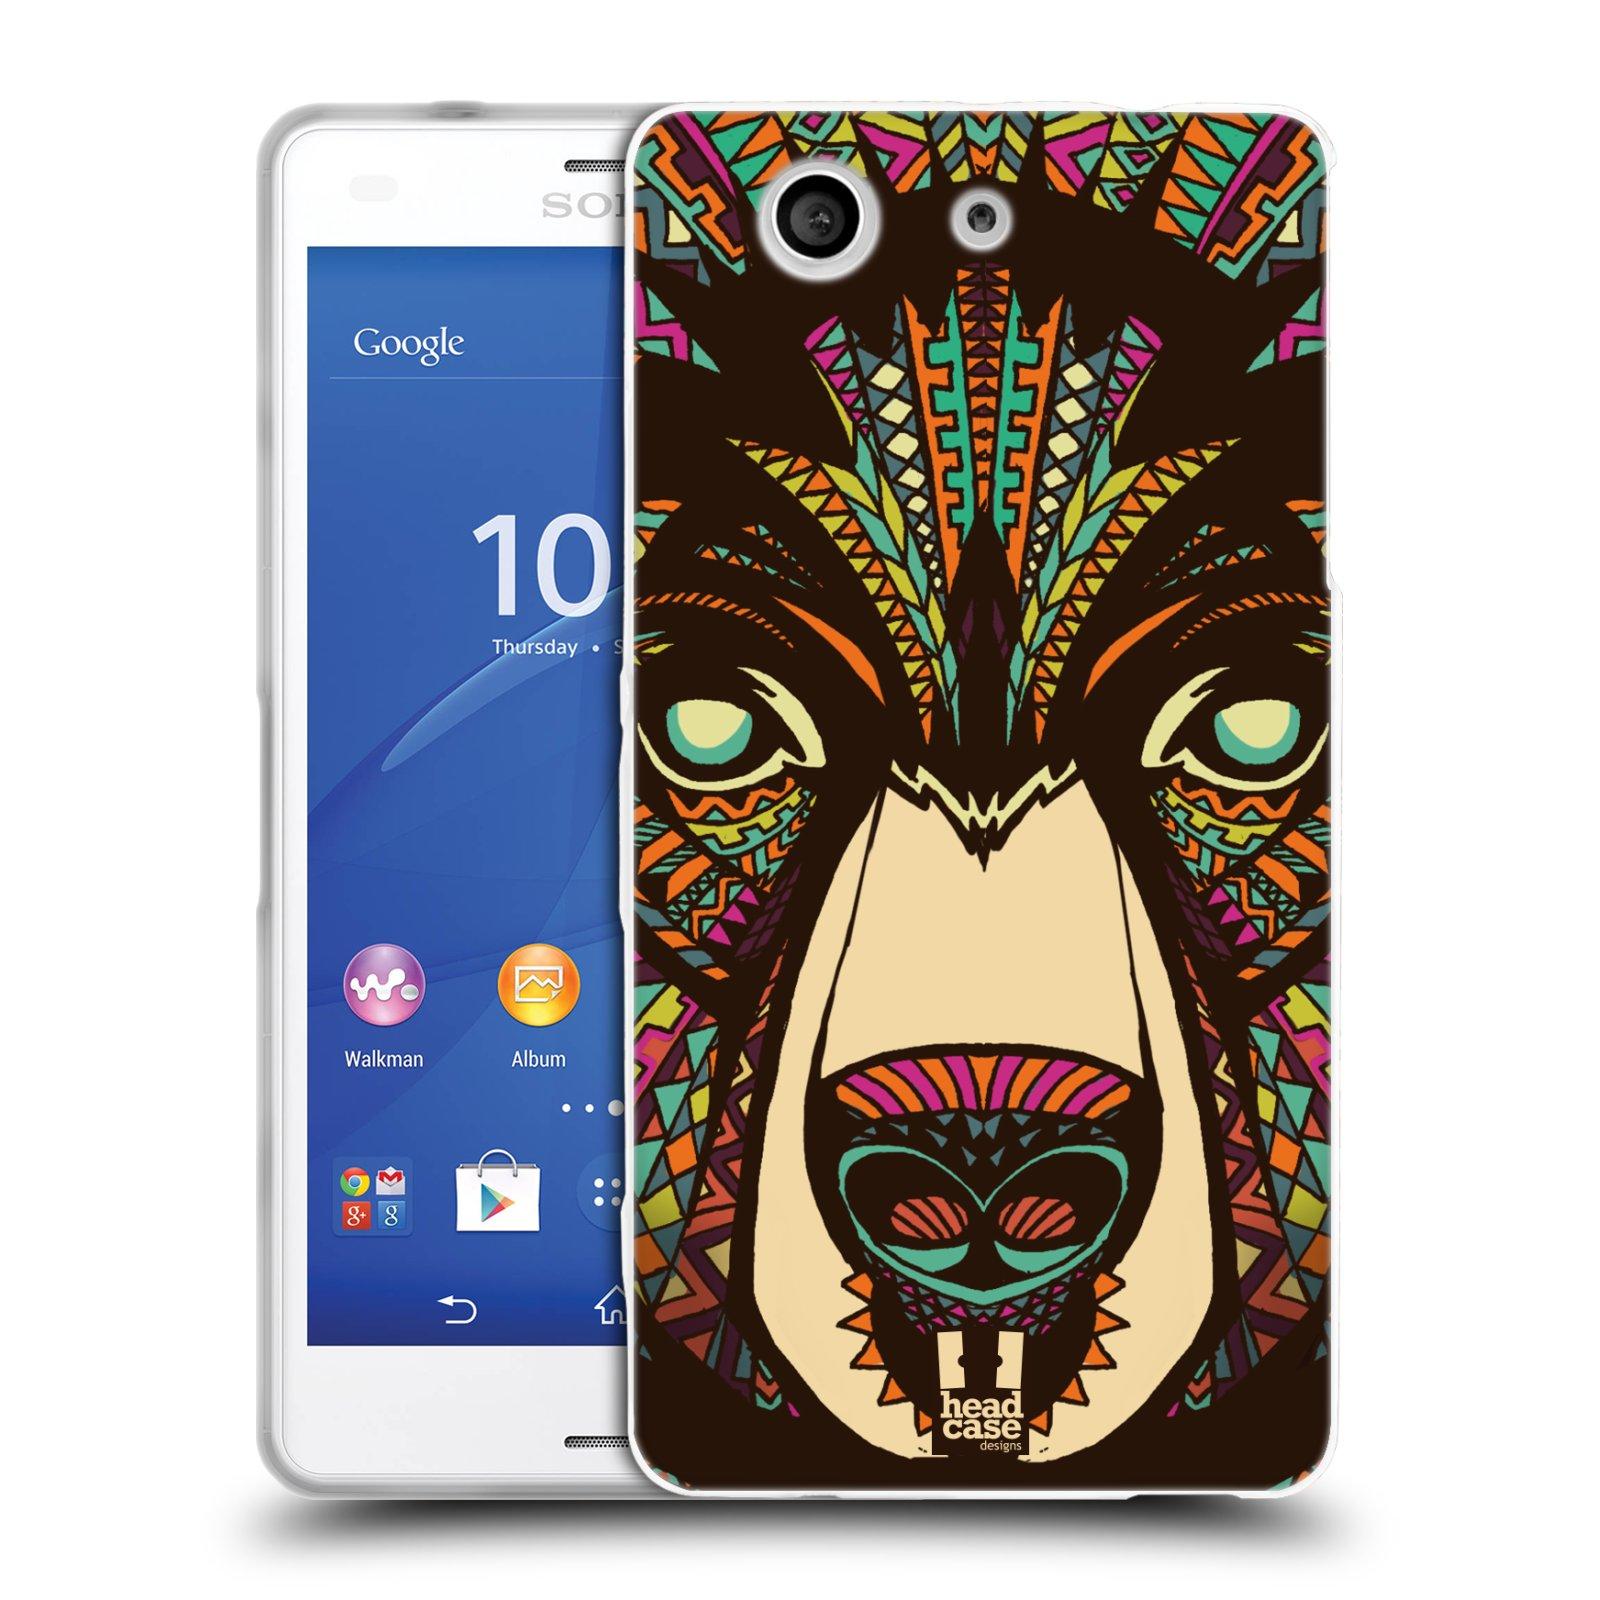 Silikonové pouzdro na mobil Sony Xperia Z3 Compact D5803 HEAD CASE AZTEC MEDVĚD